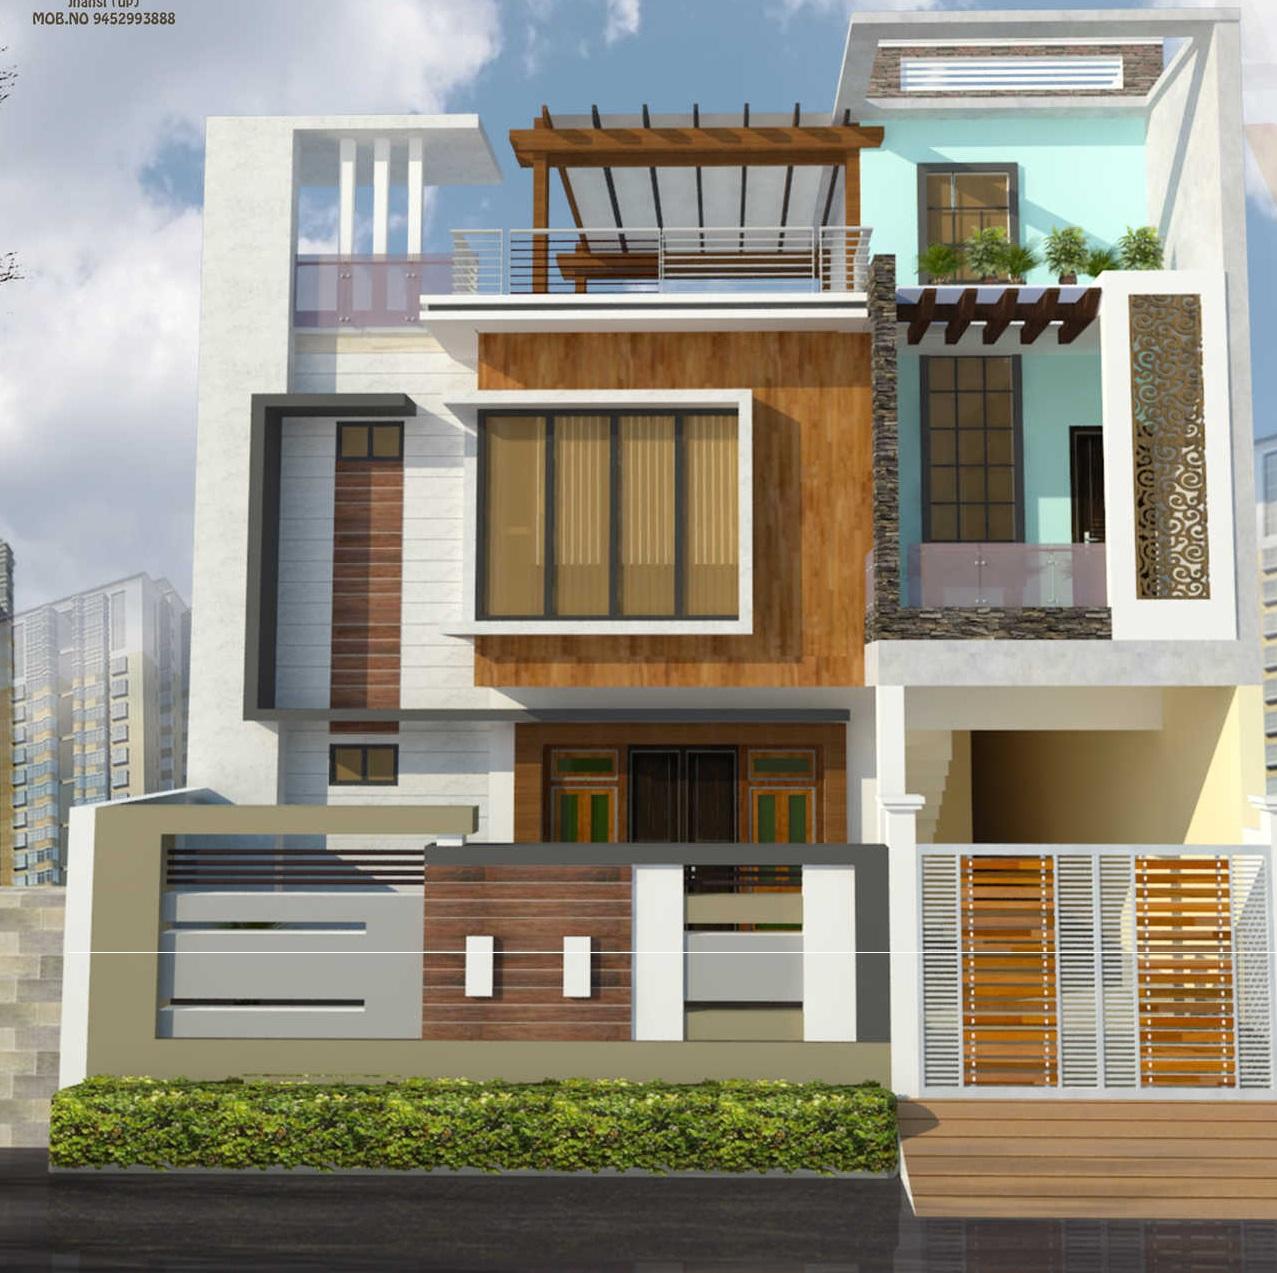 Best 14 modern house front facade design - exterior wall